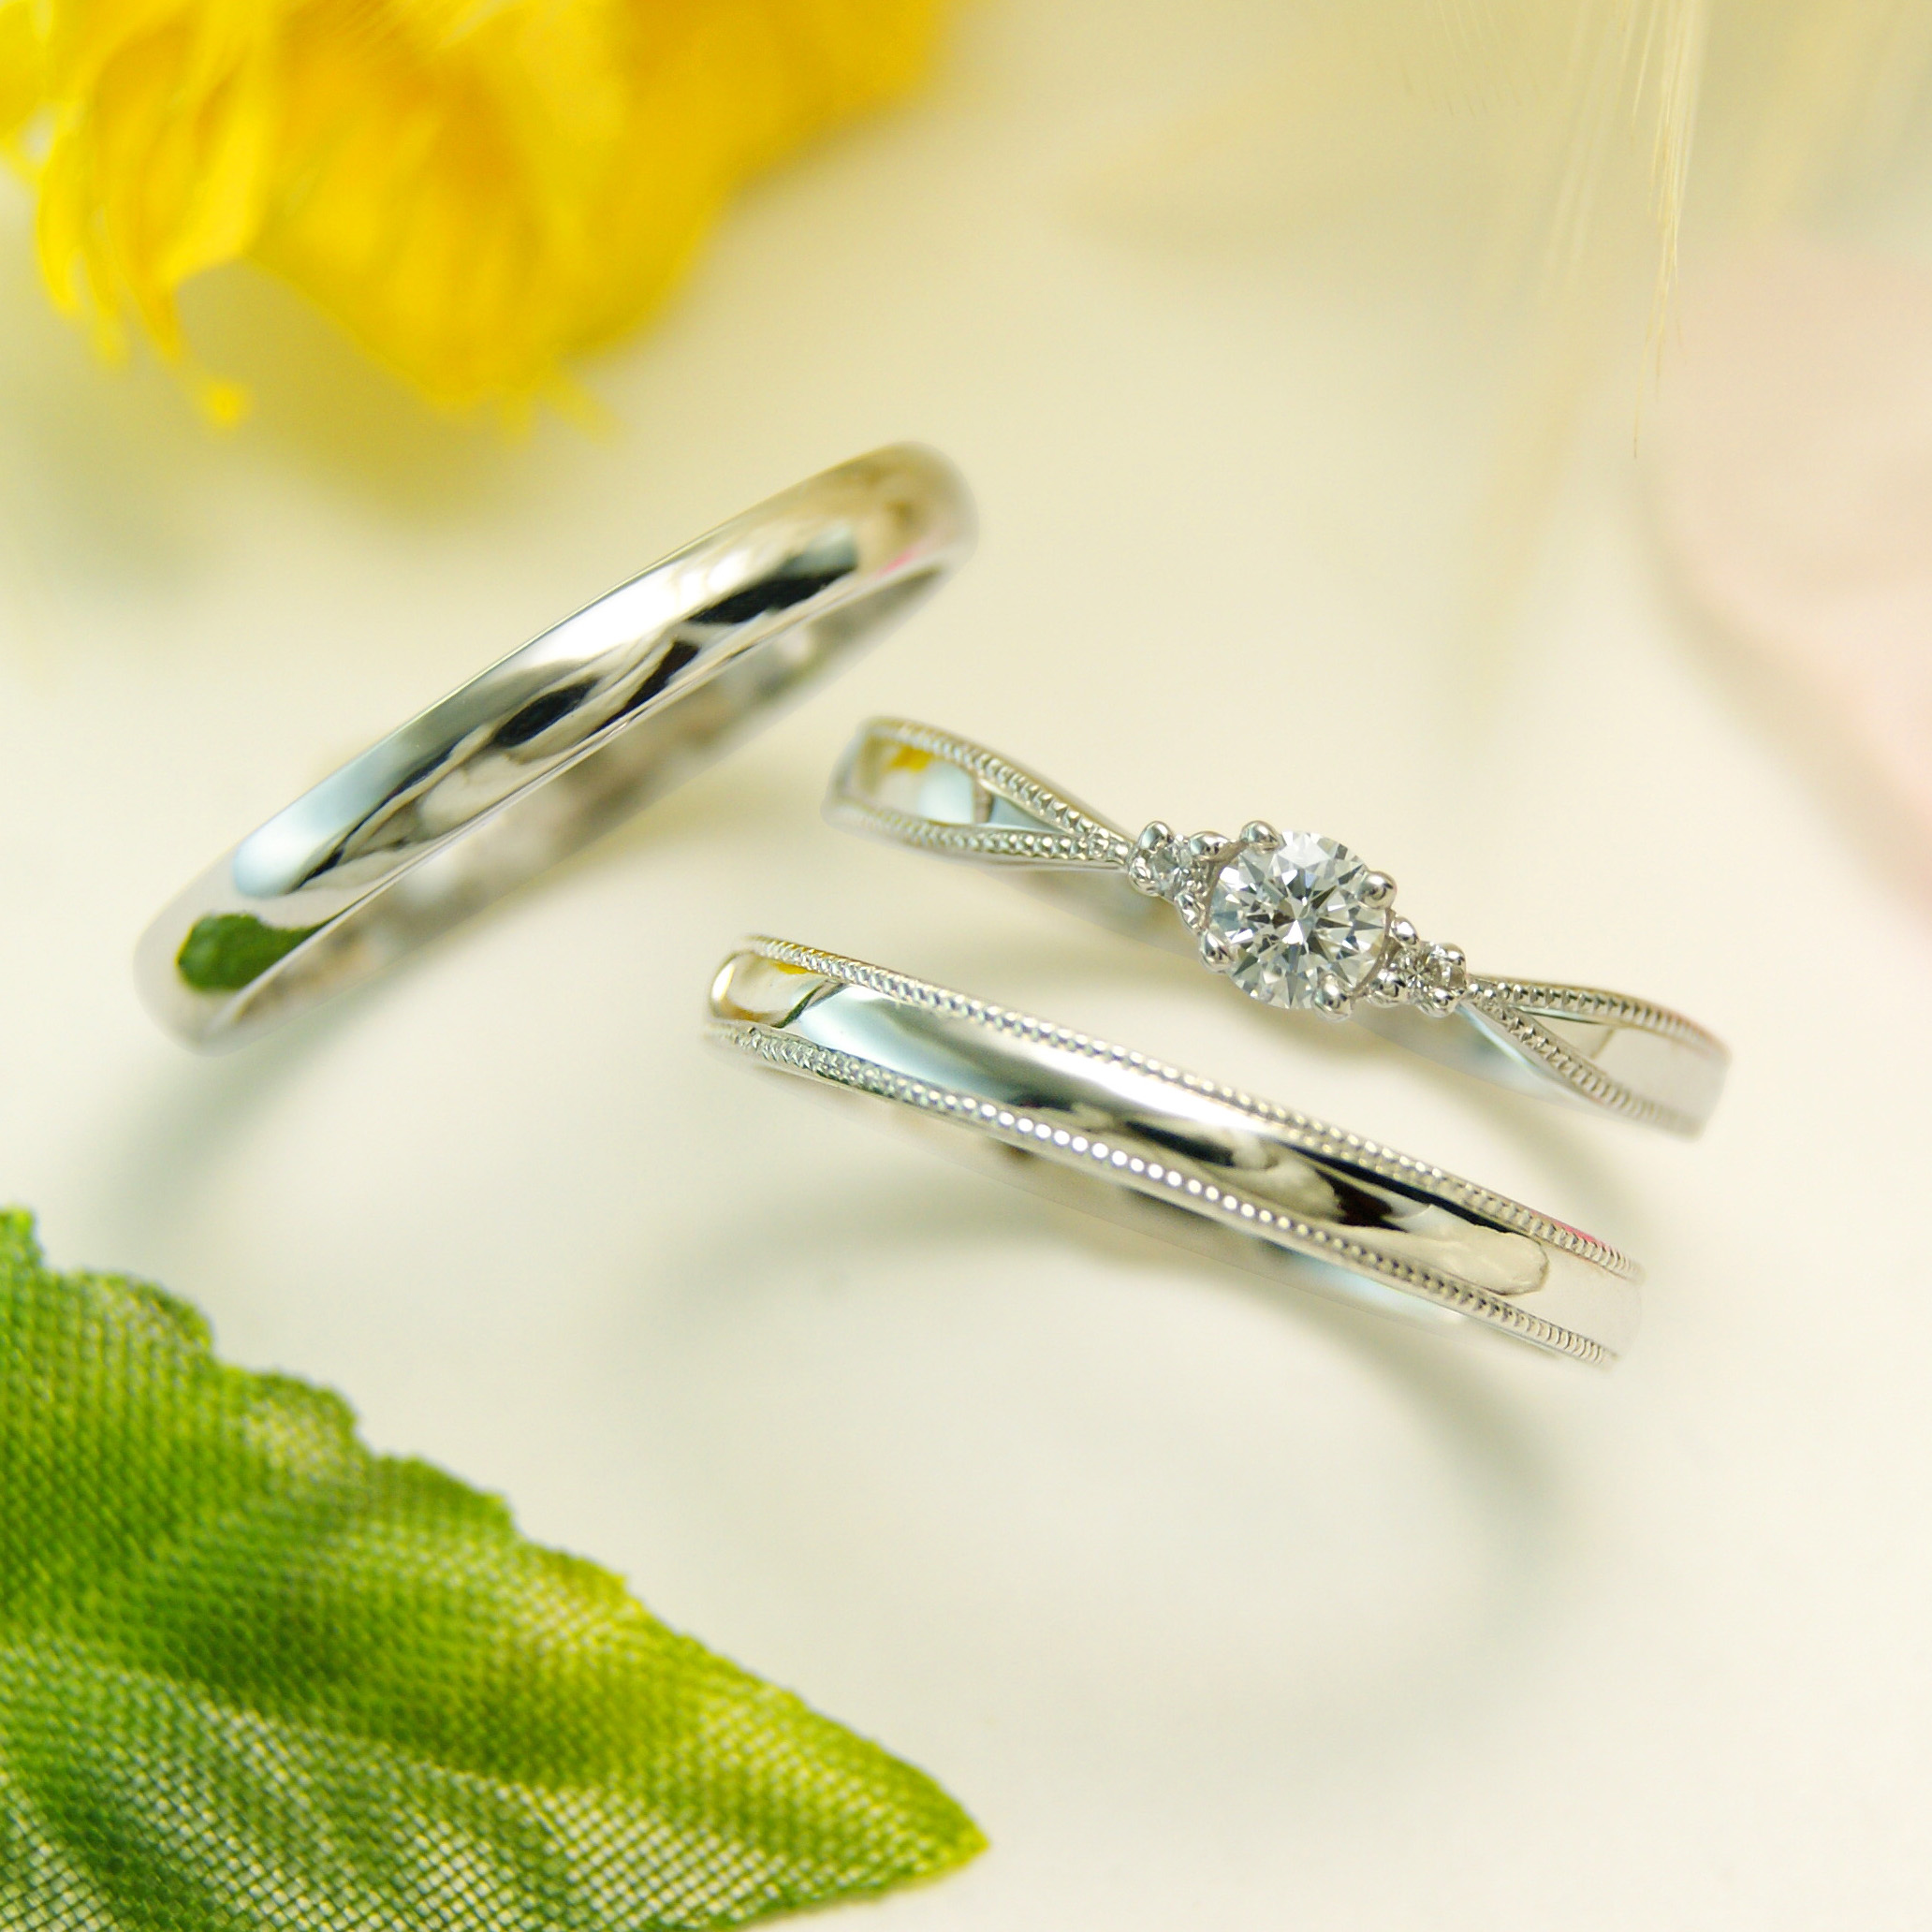 世界に一つだけの結婚指輪 kazariyaYui 福島県郡山市 結婚指輪 婚約指輪